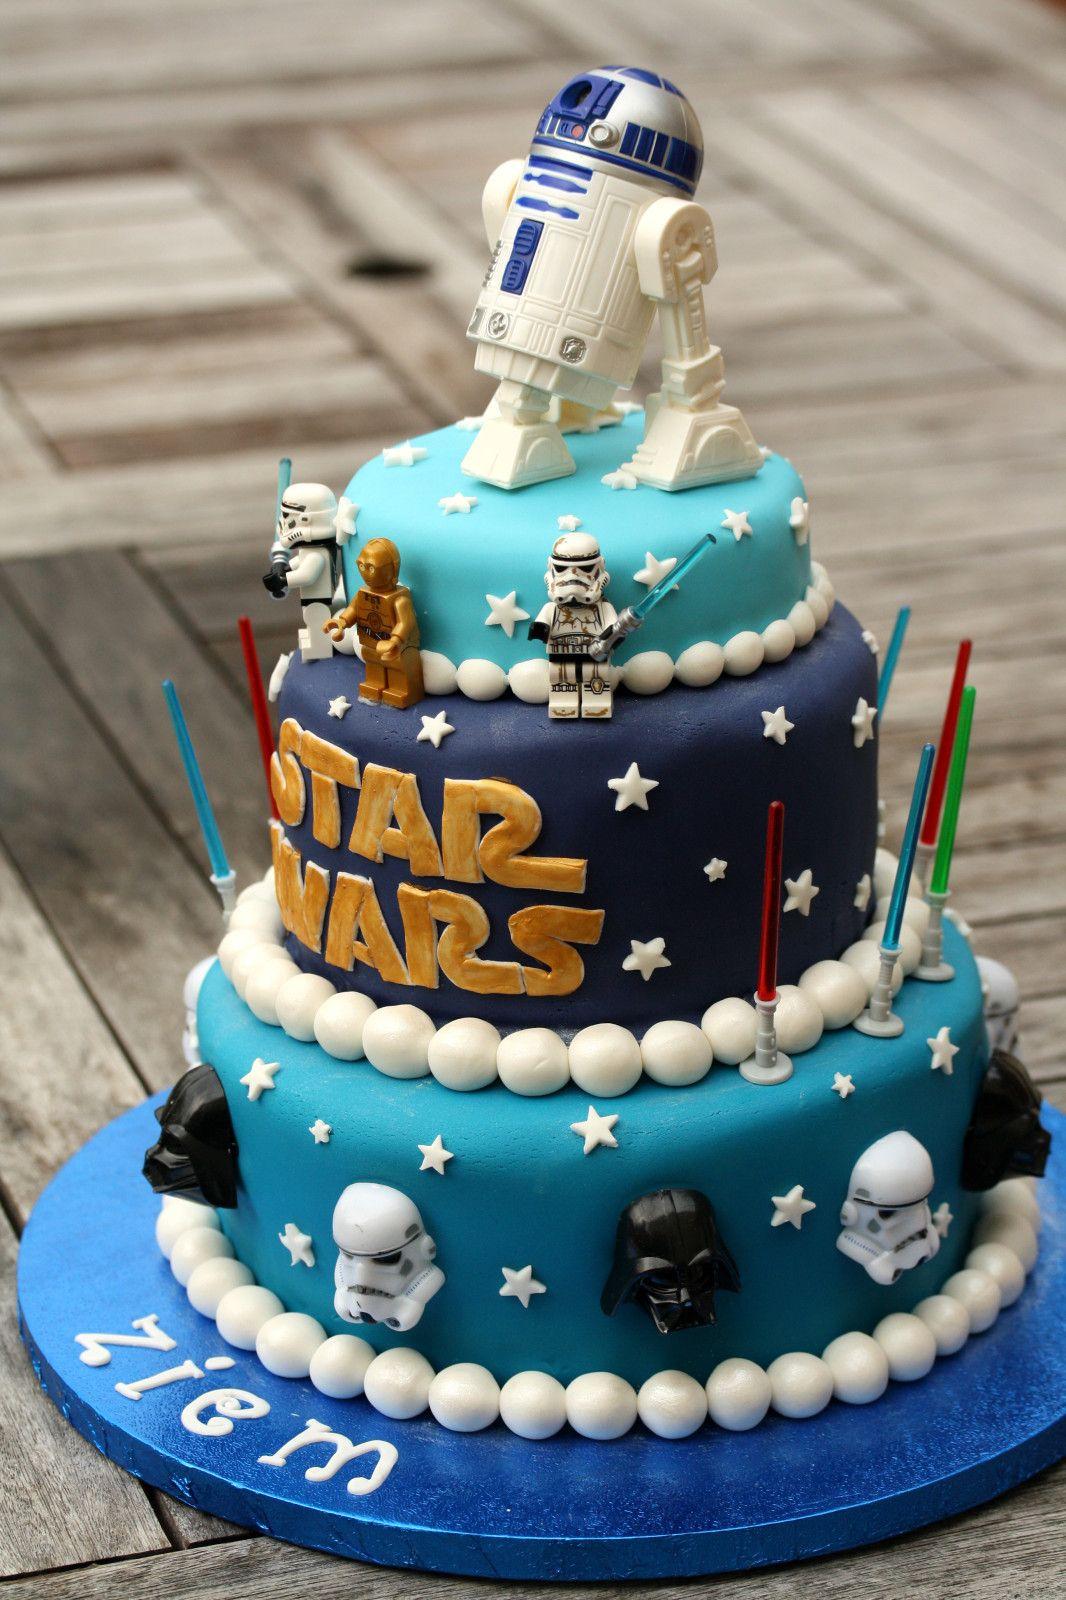 Fabuleux gateau etage star wars - Recherche Google | Anni Vick | Pinterest  QG19